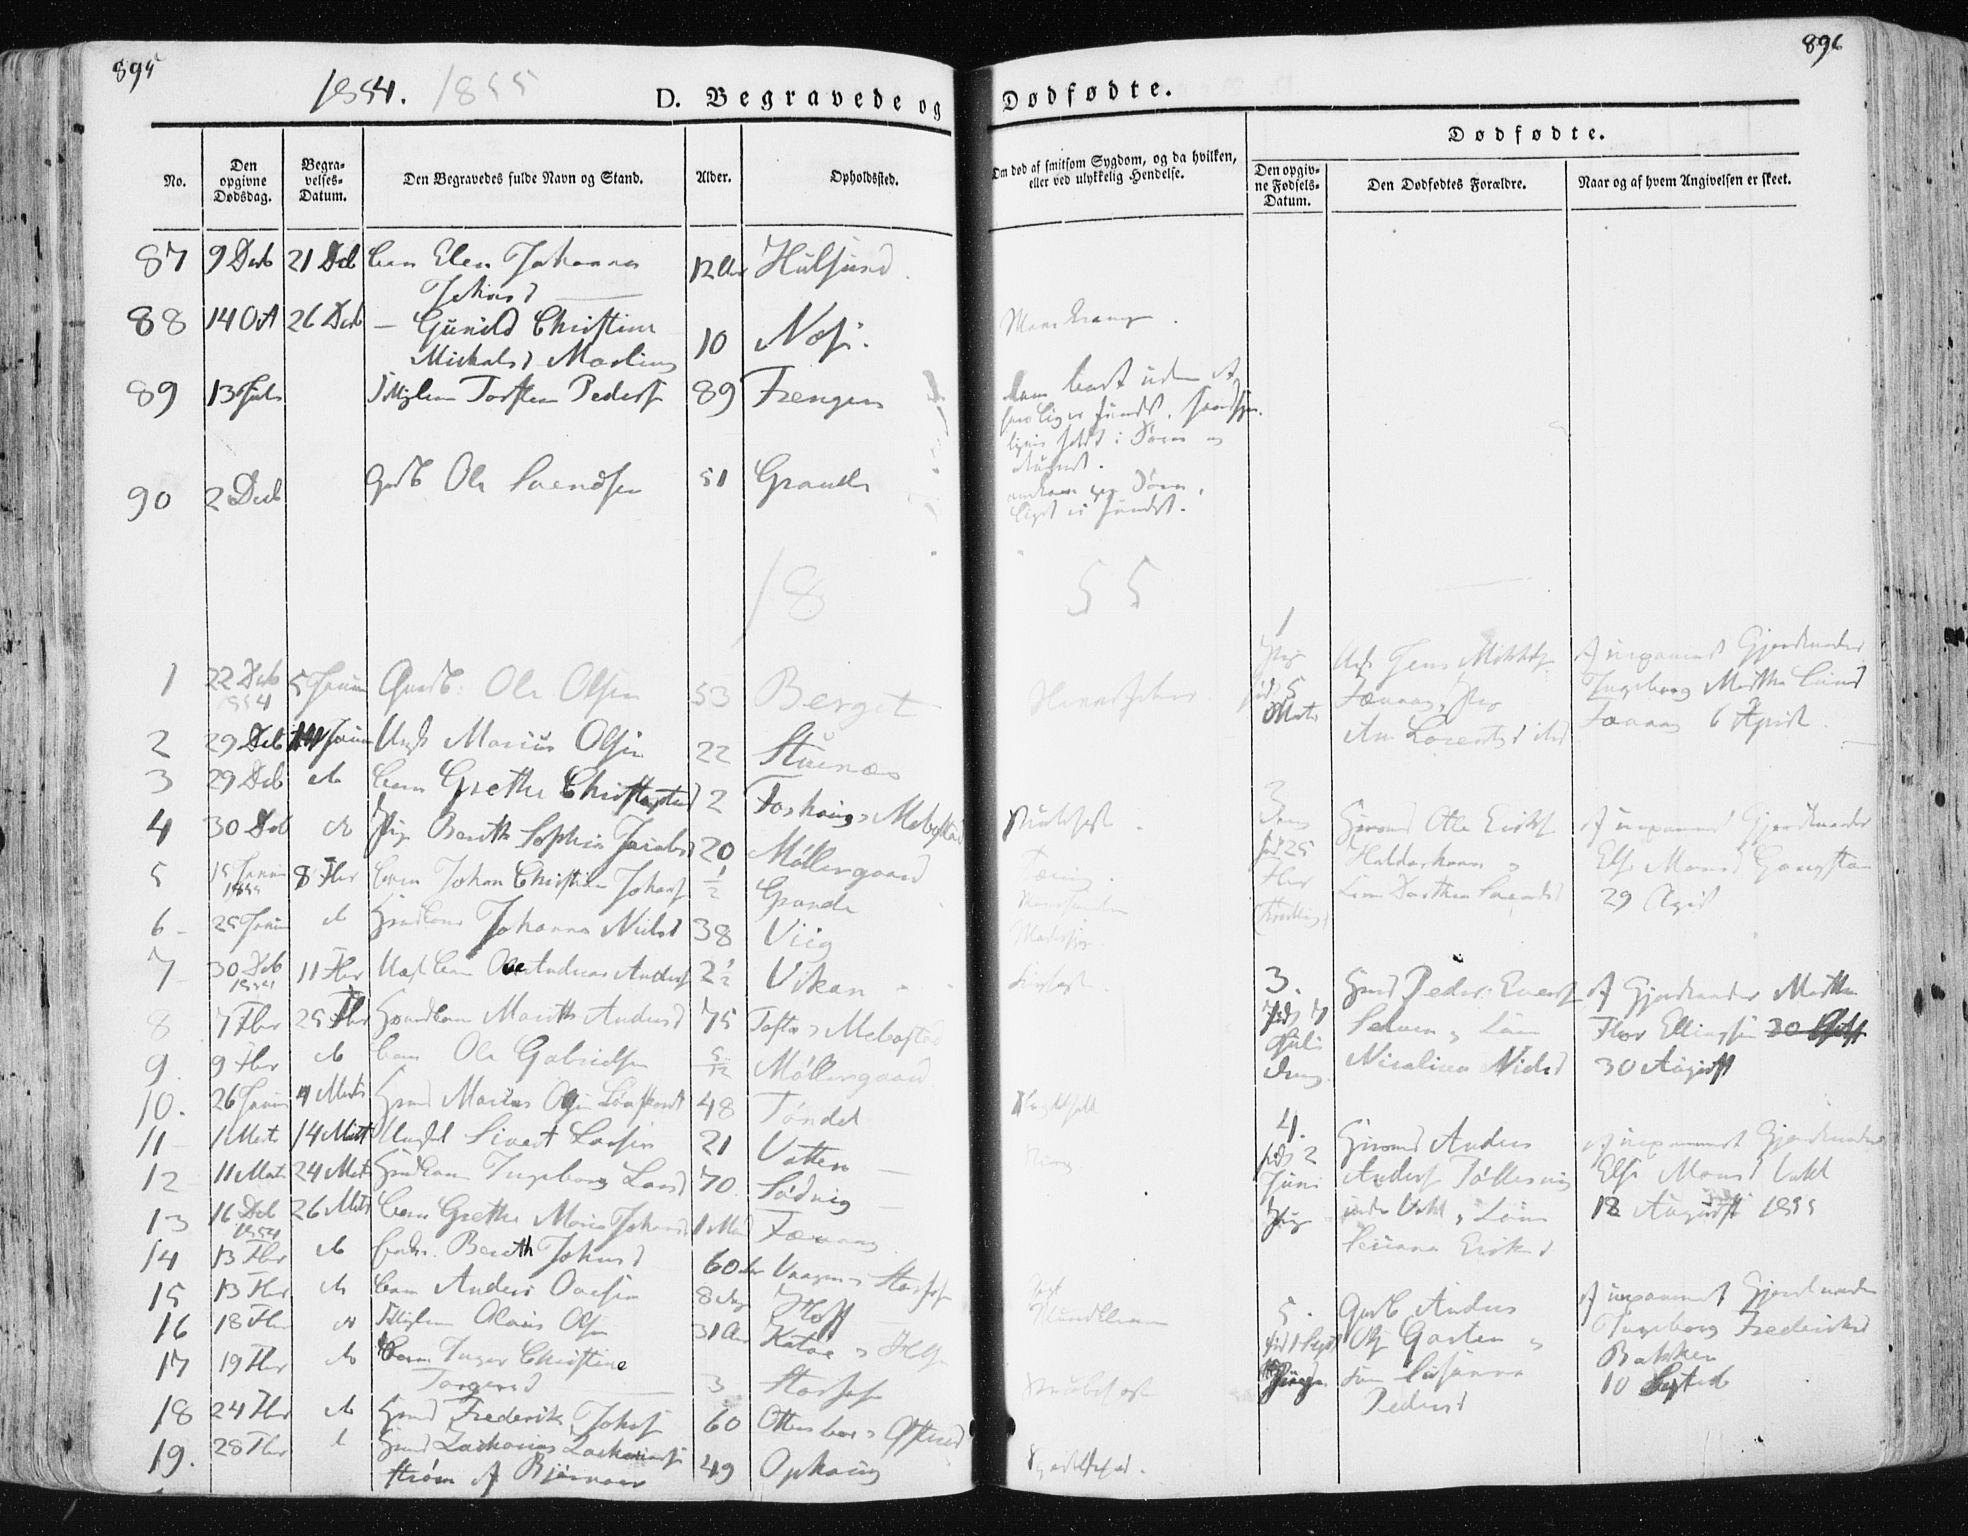 SAT, Ministerialprotokoller, klokkerbøker og fødselsregistre - Sør-Trøndelag, 659/L0736: Ministerialbok nr. 659A06, 1842-1856, s. 895-896